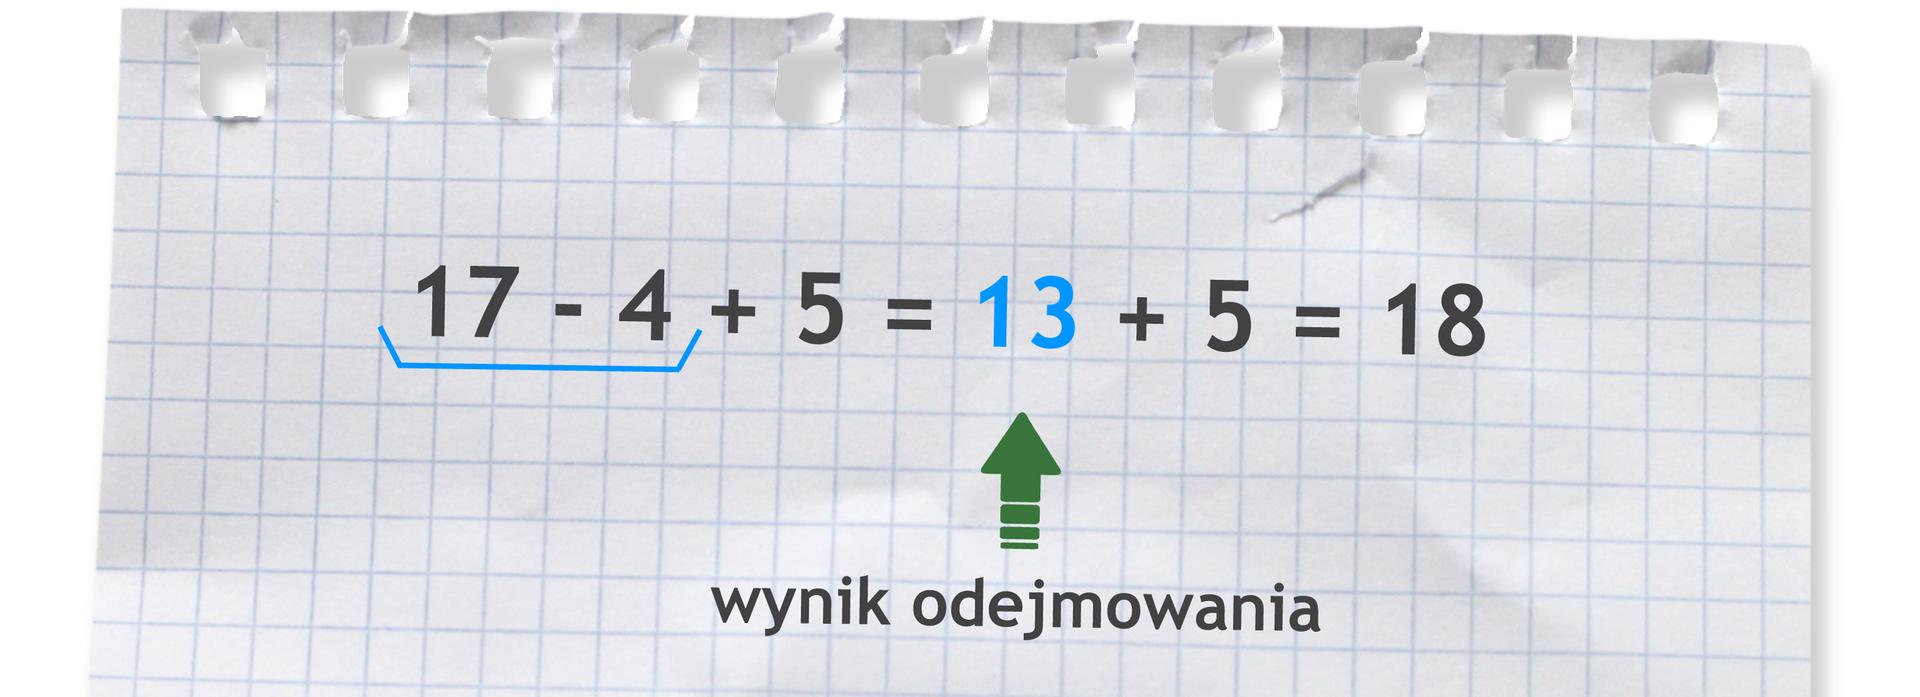 Działanie: 17 -4 +5 =13 +5 =18. Liczba 13 to wynik odejmowania liczb 17 i4.